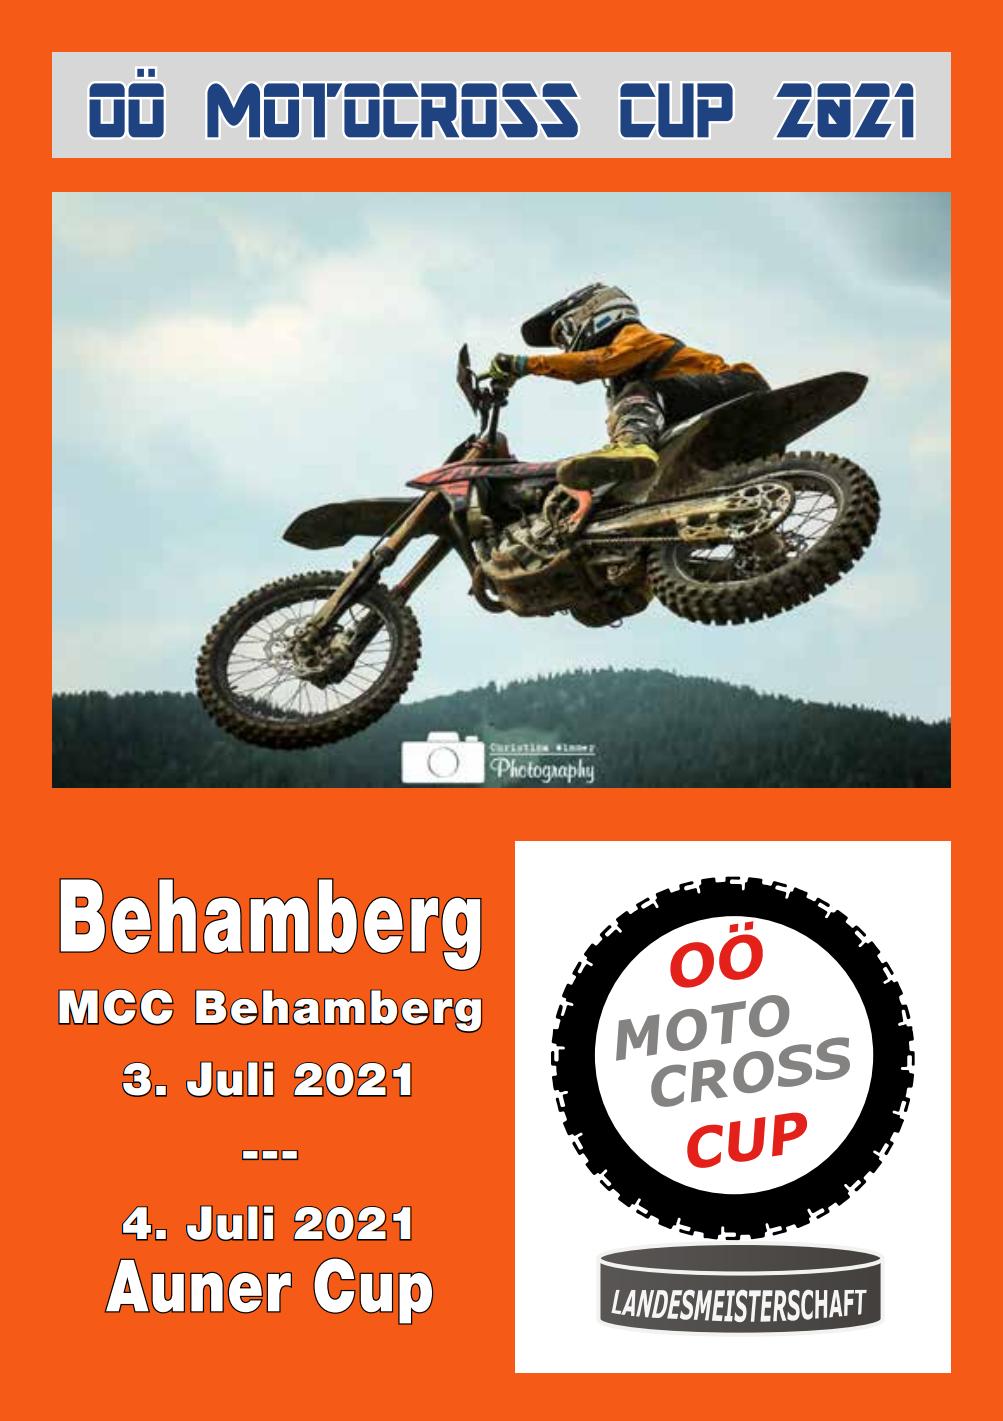 Programmheft von Behamberg 3. und 4. Juli 2021 inkl. Auner Cup